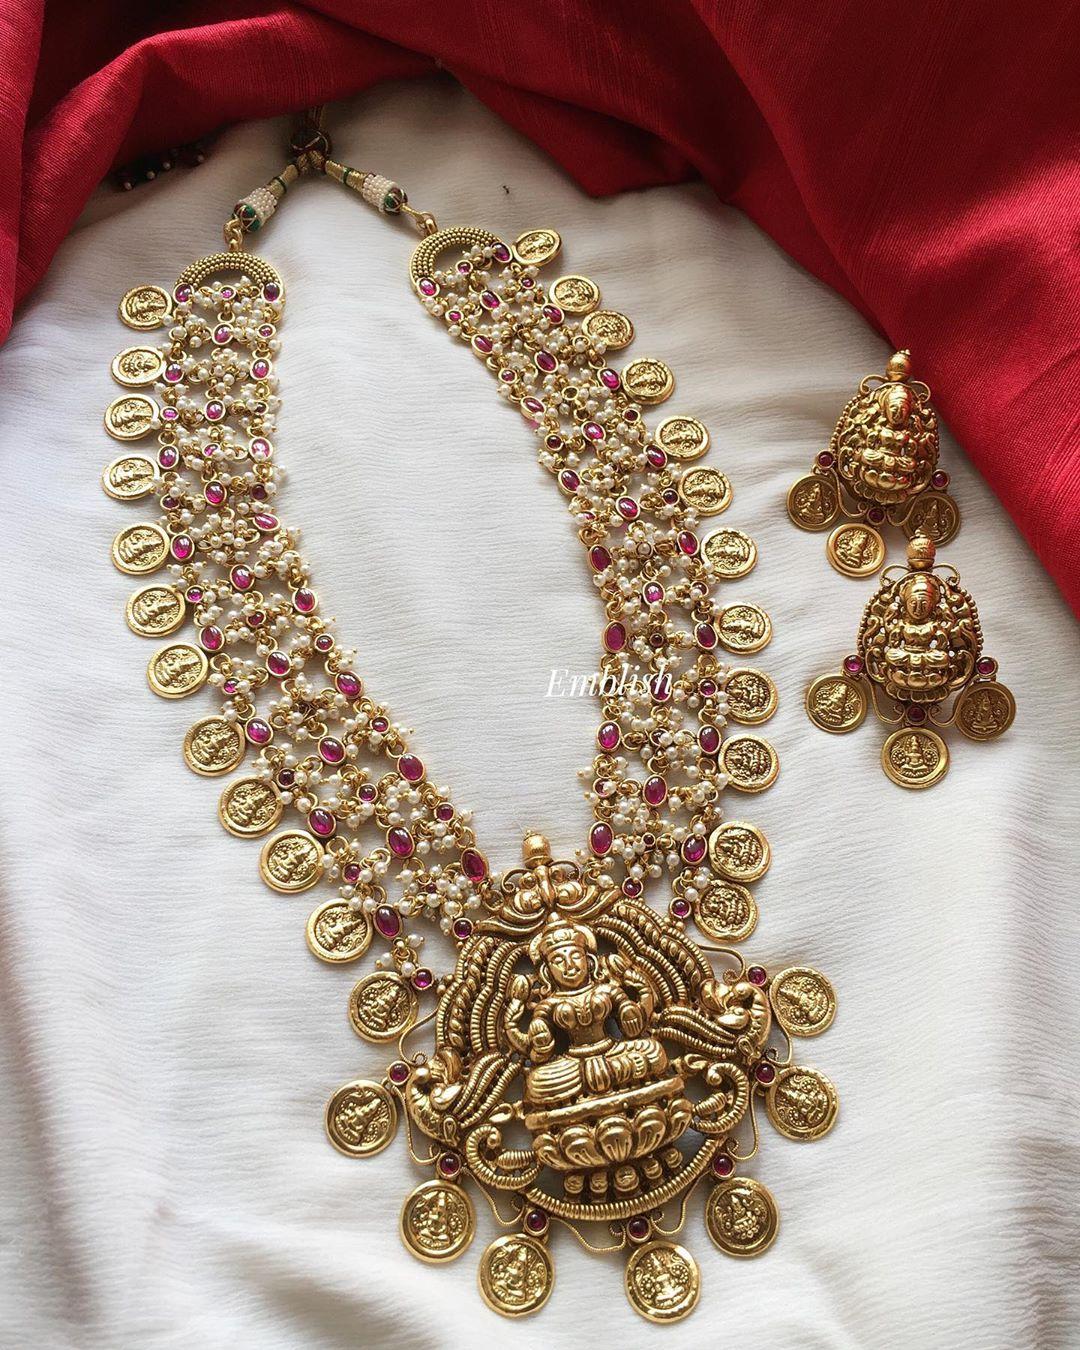 Imitation-Antique-Jewellery(10)